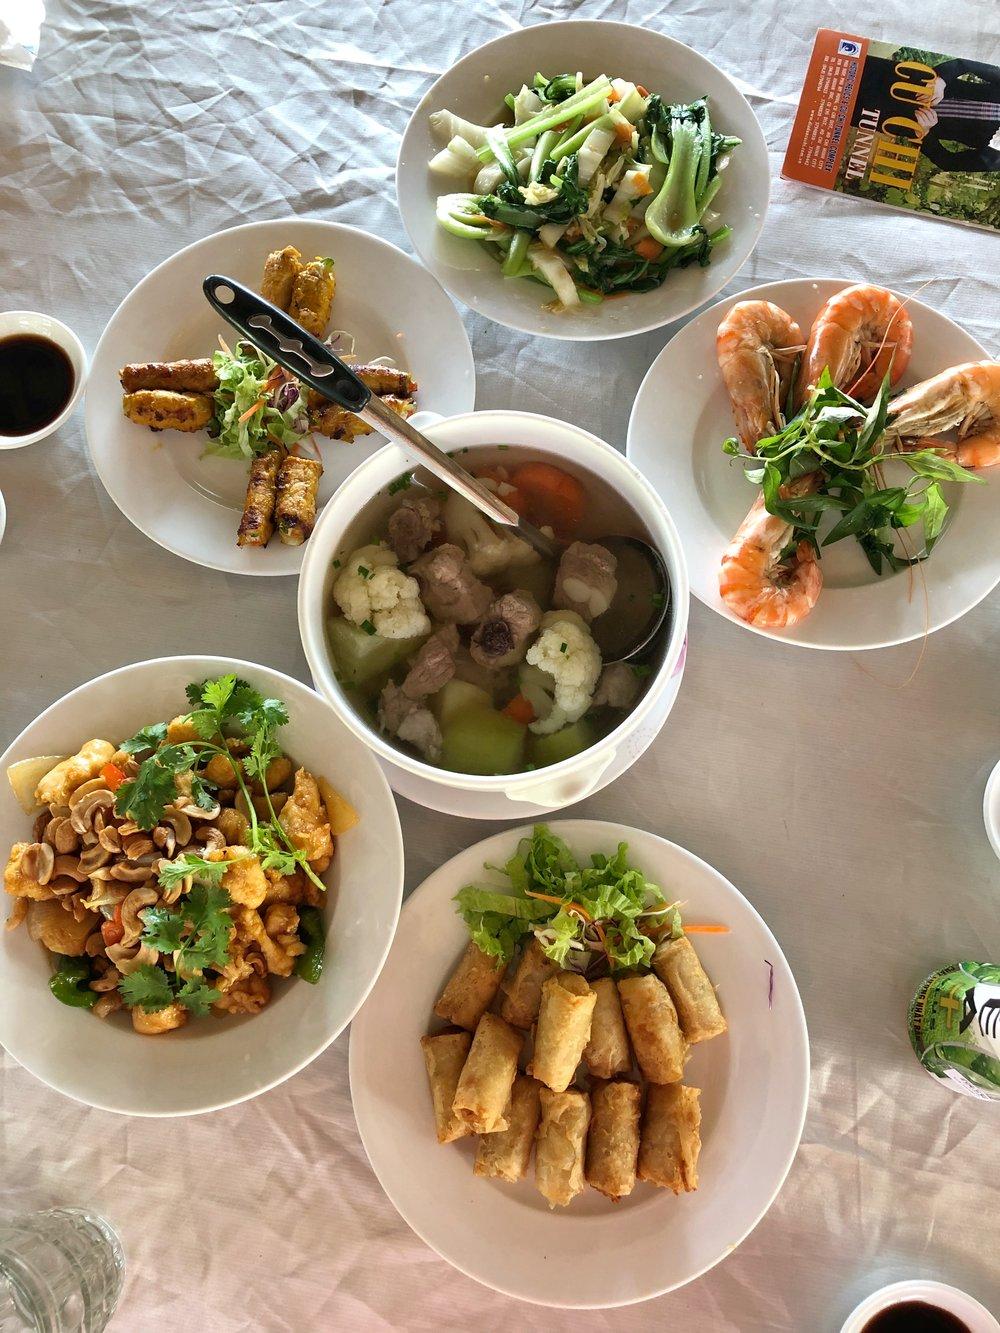 Chicken, veggies, prawns, soup